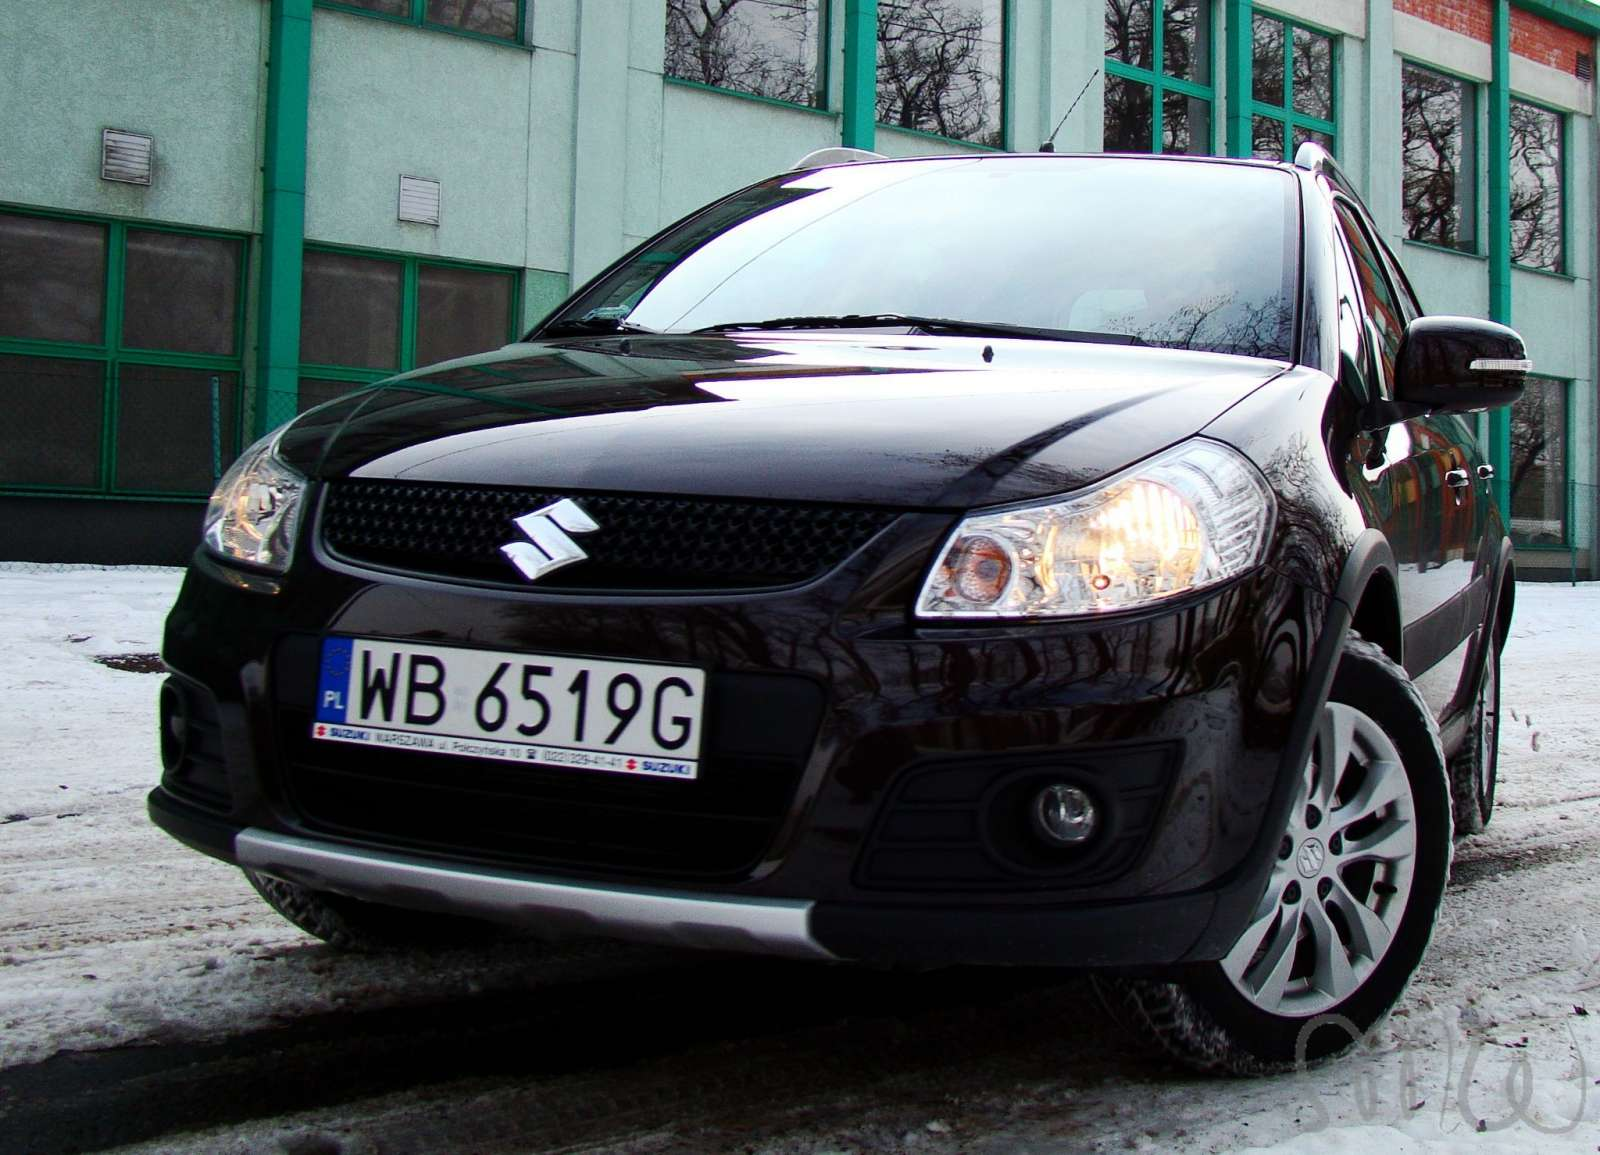 Suzuki SX4 test